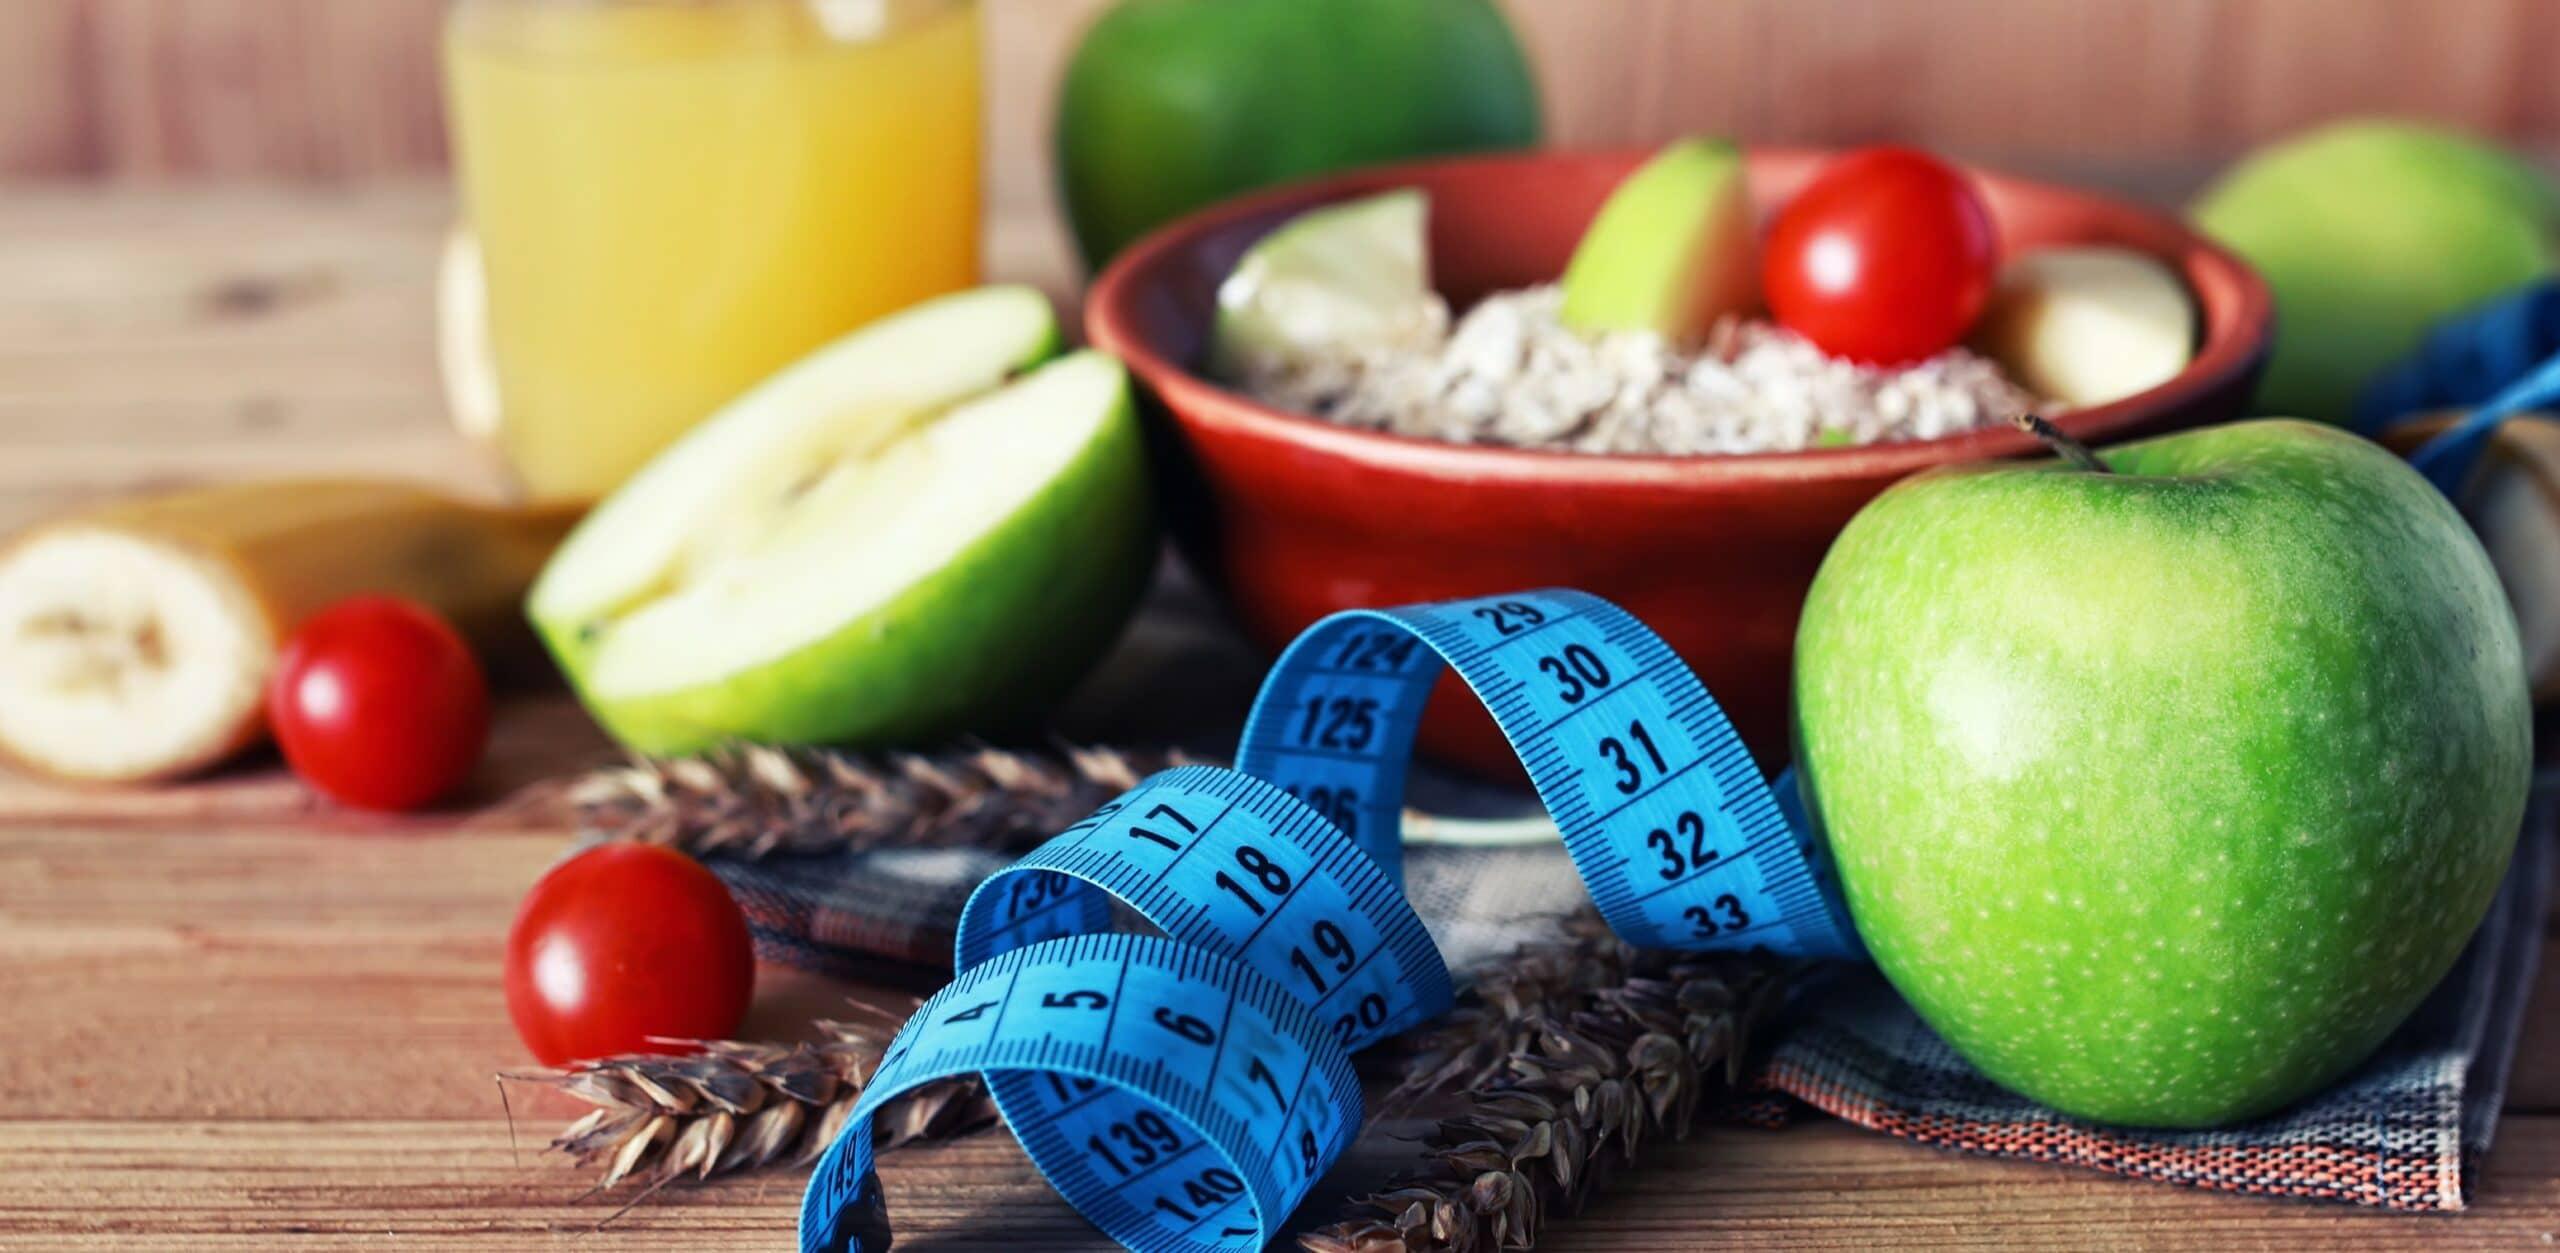 fabbisogno di carboidrati nella dieta